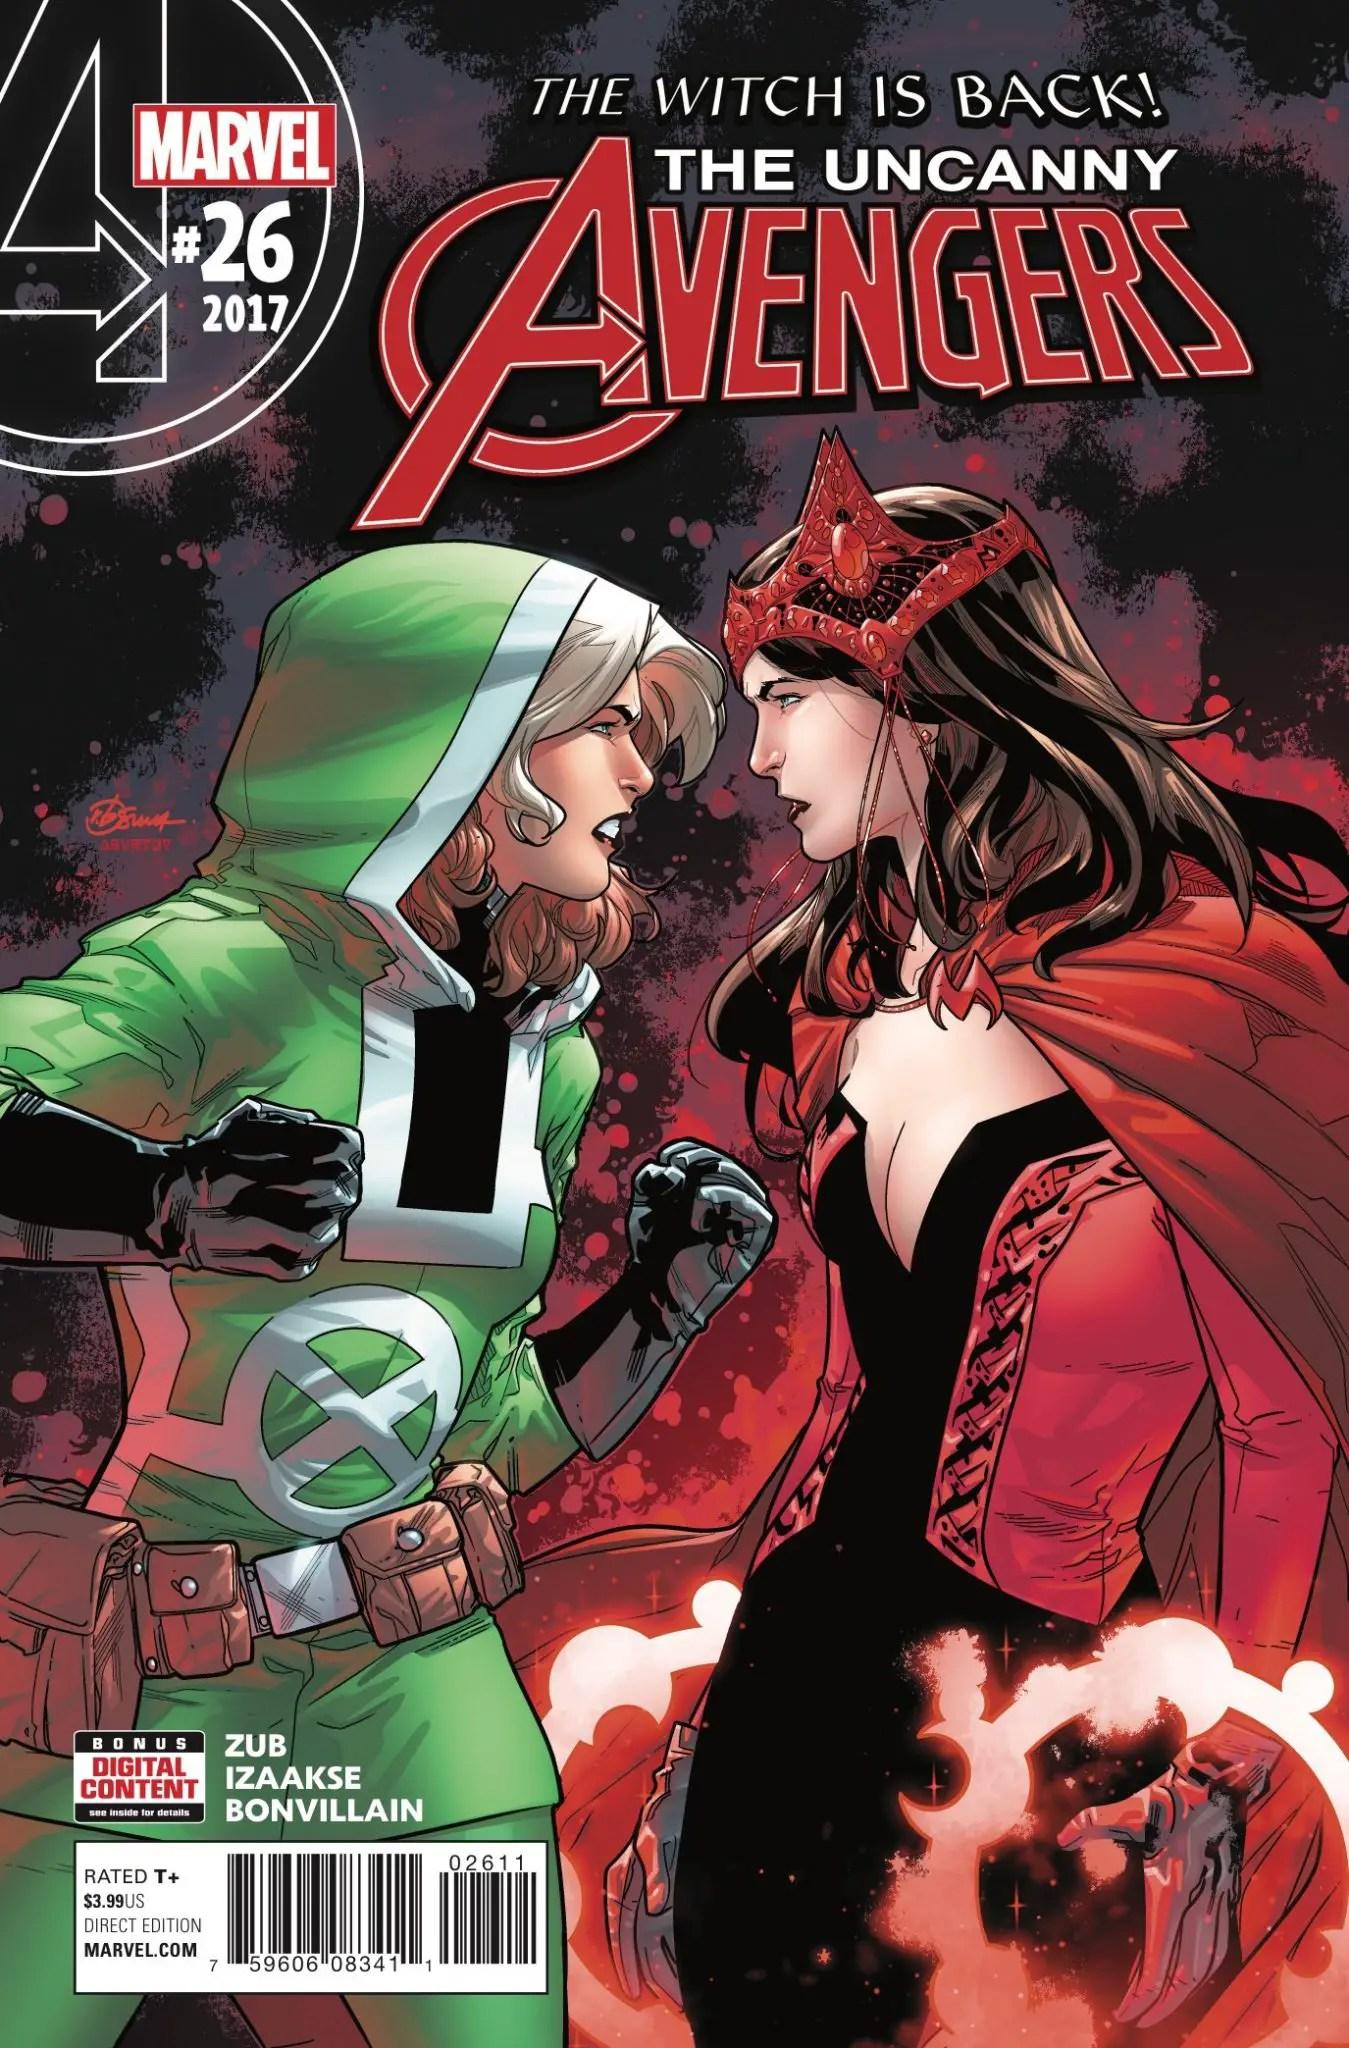 Uncanny Avengers #26 Review